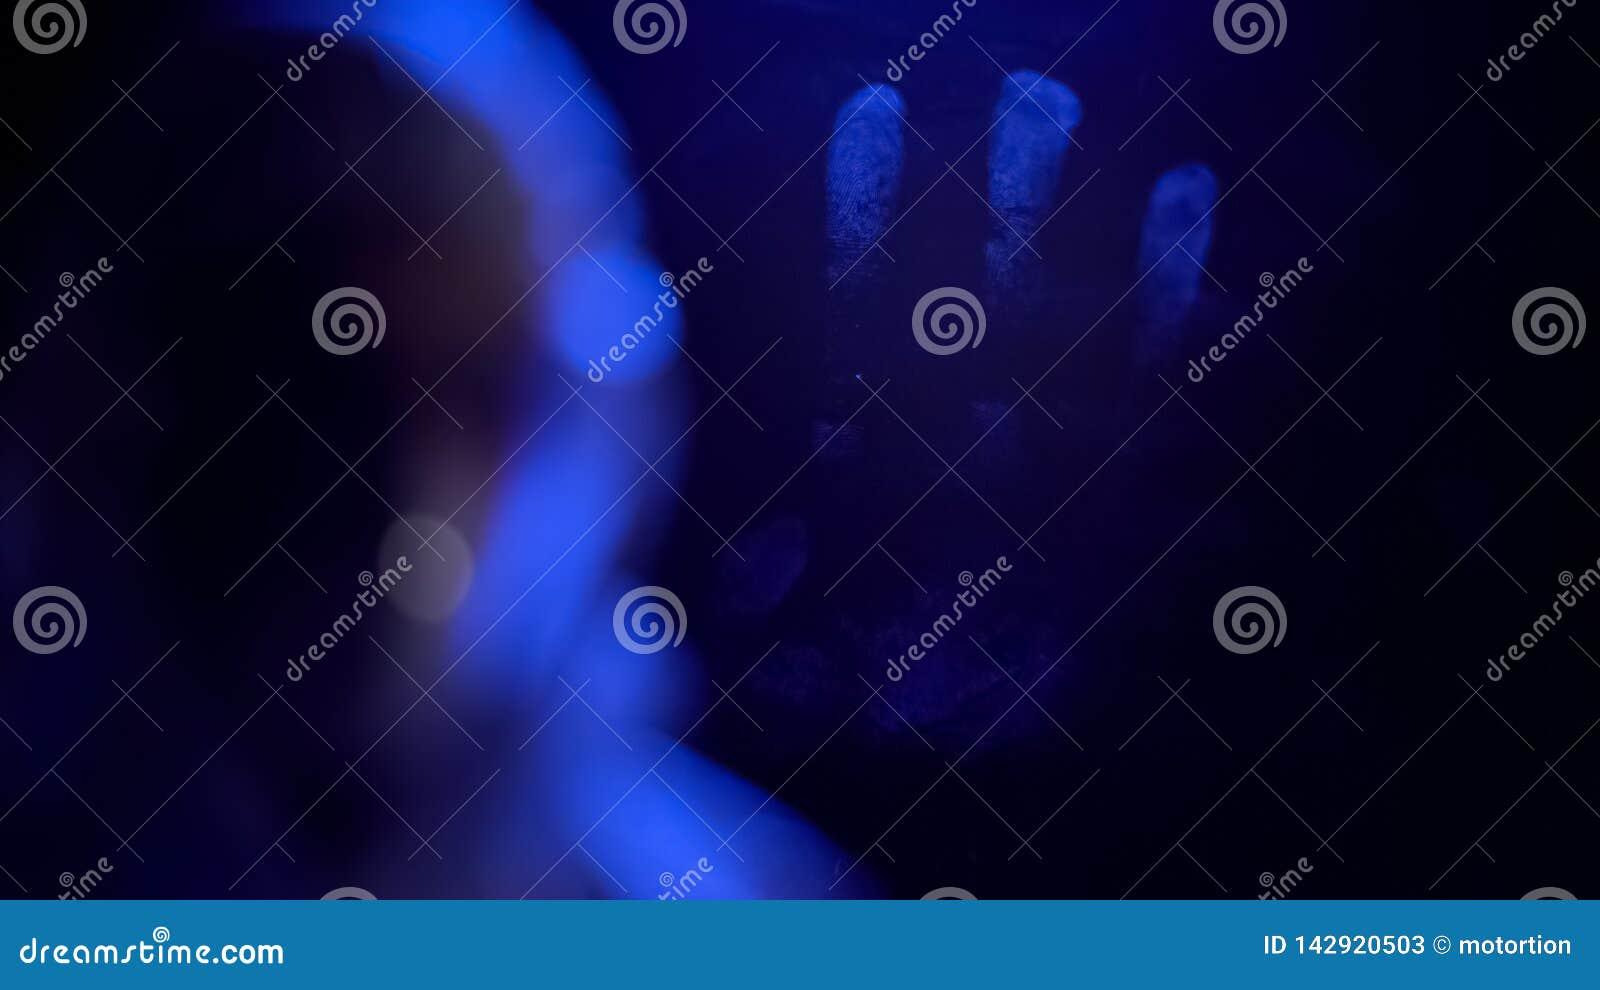 Huella dactilar de la mano en el vidrio de la ventana, pruebas del crimen, investigación de la ciencia forense